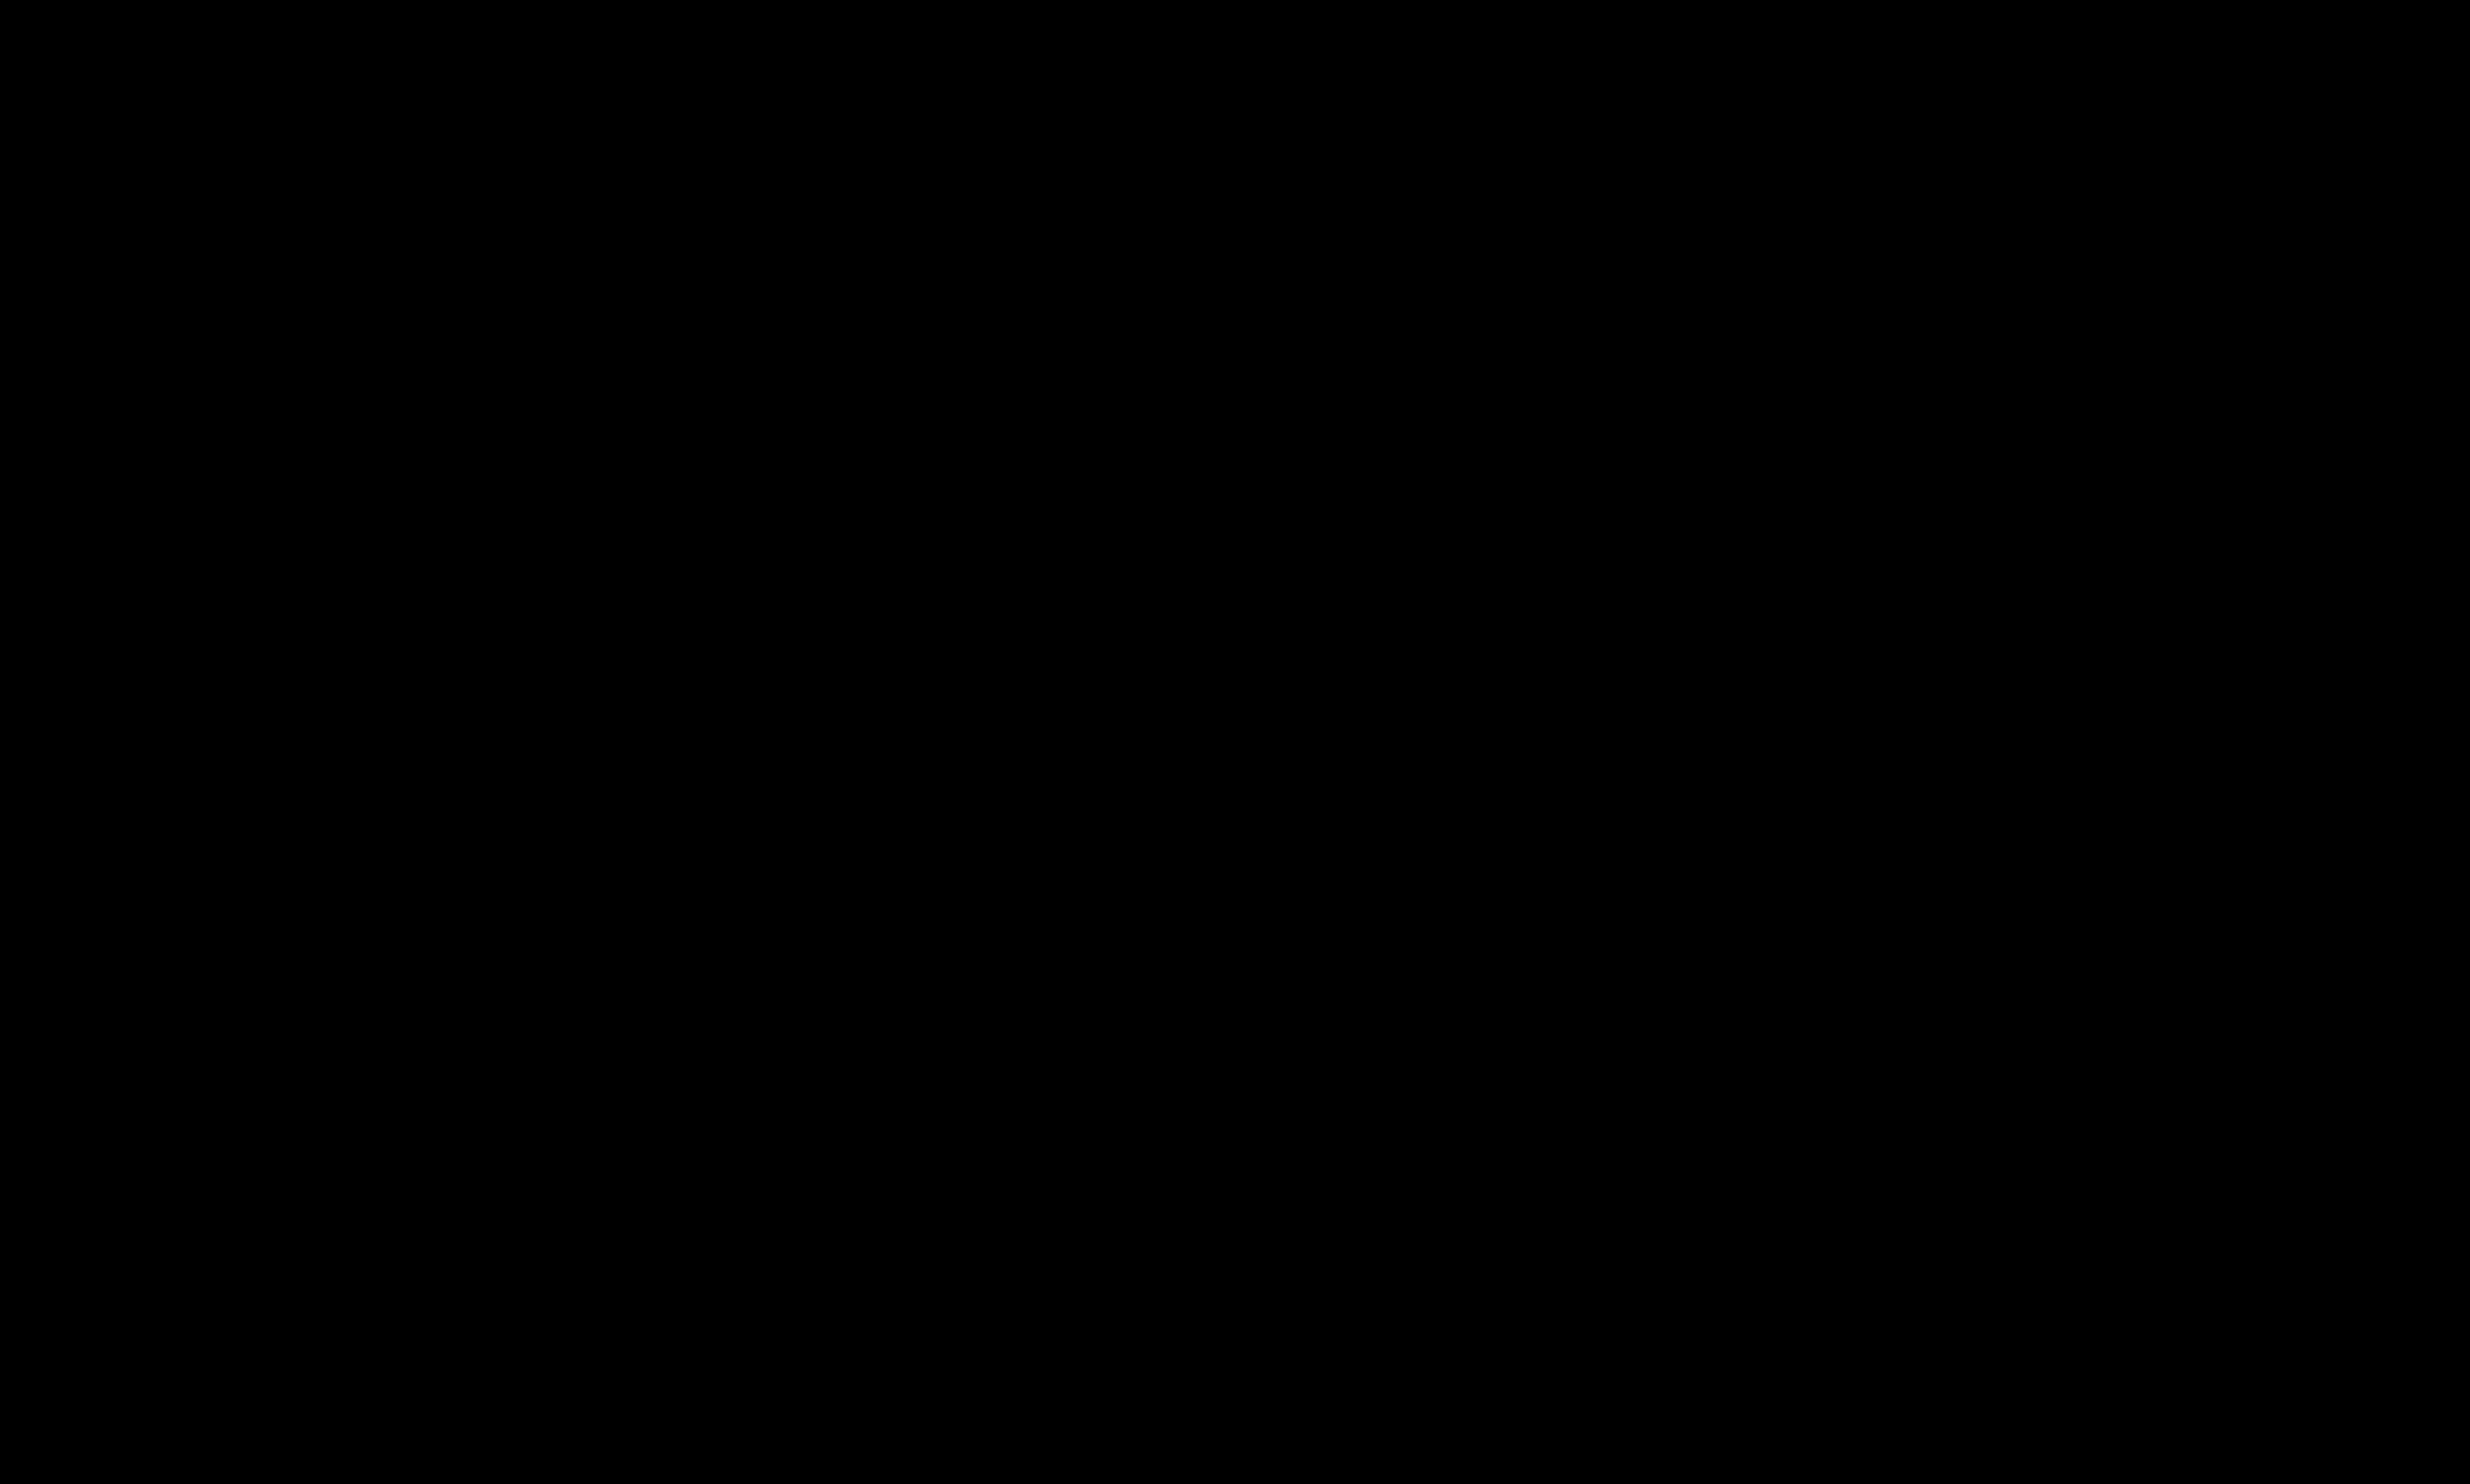 Heks Apothecary